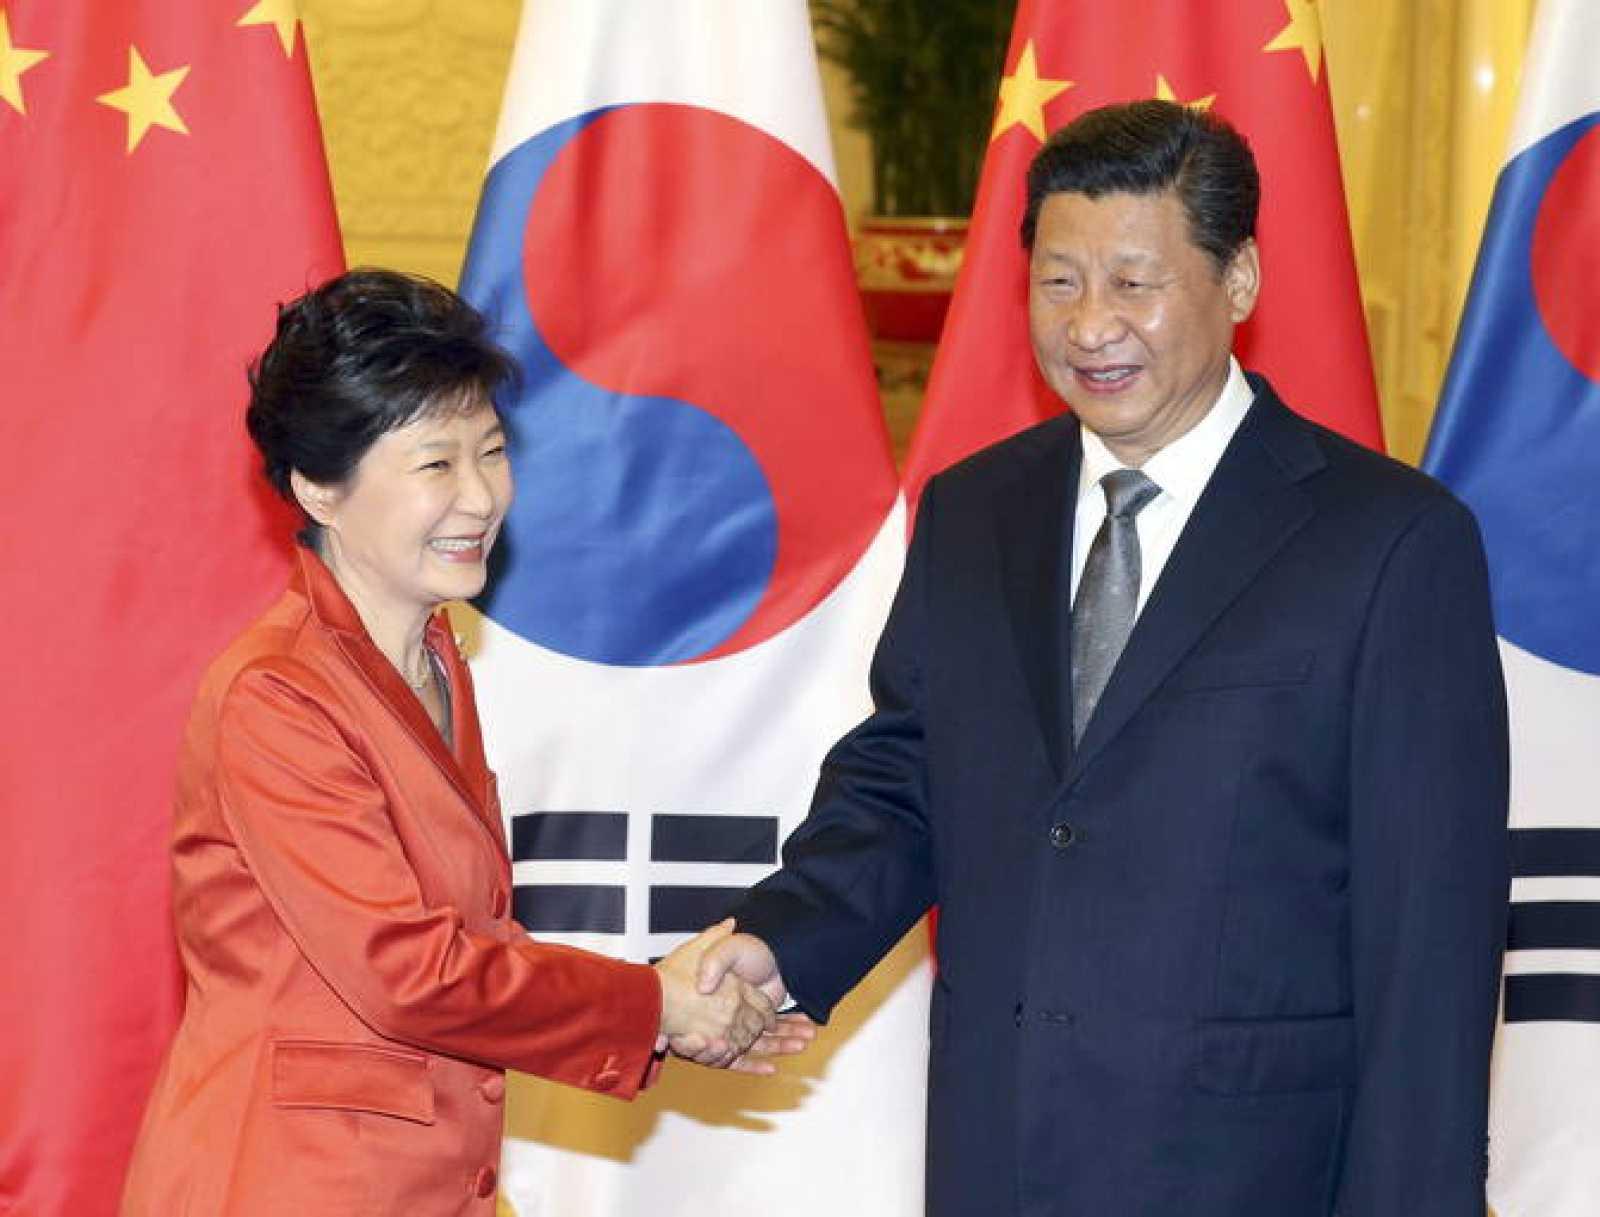 El presidente chino, Xi Jinping, saluda a su homóloga surcoreana, Park Geun-hye